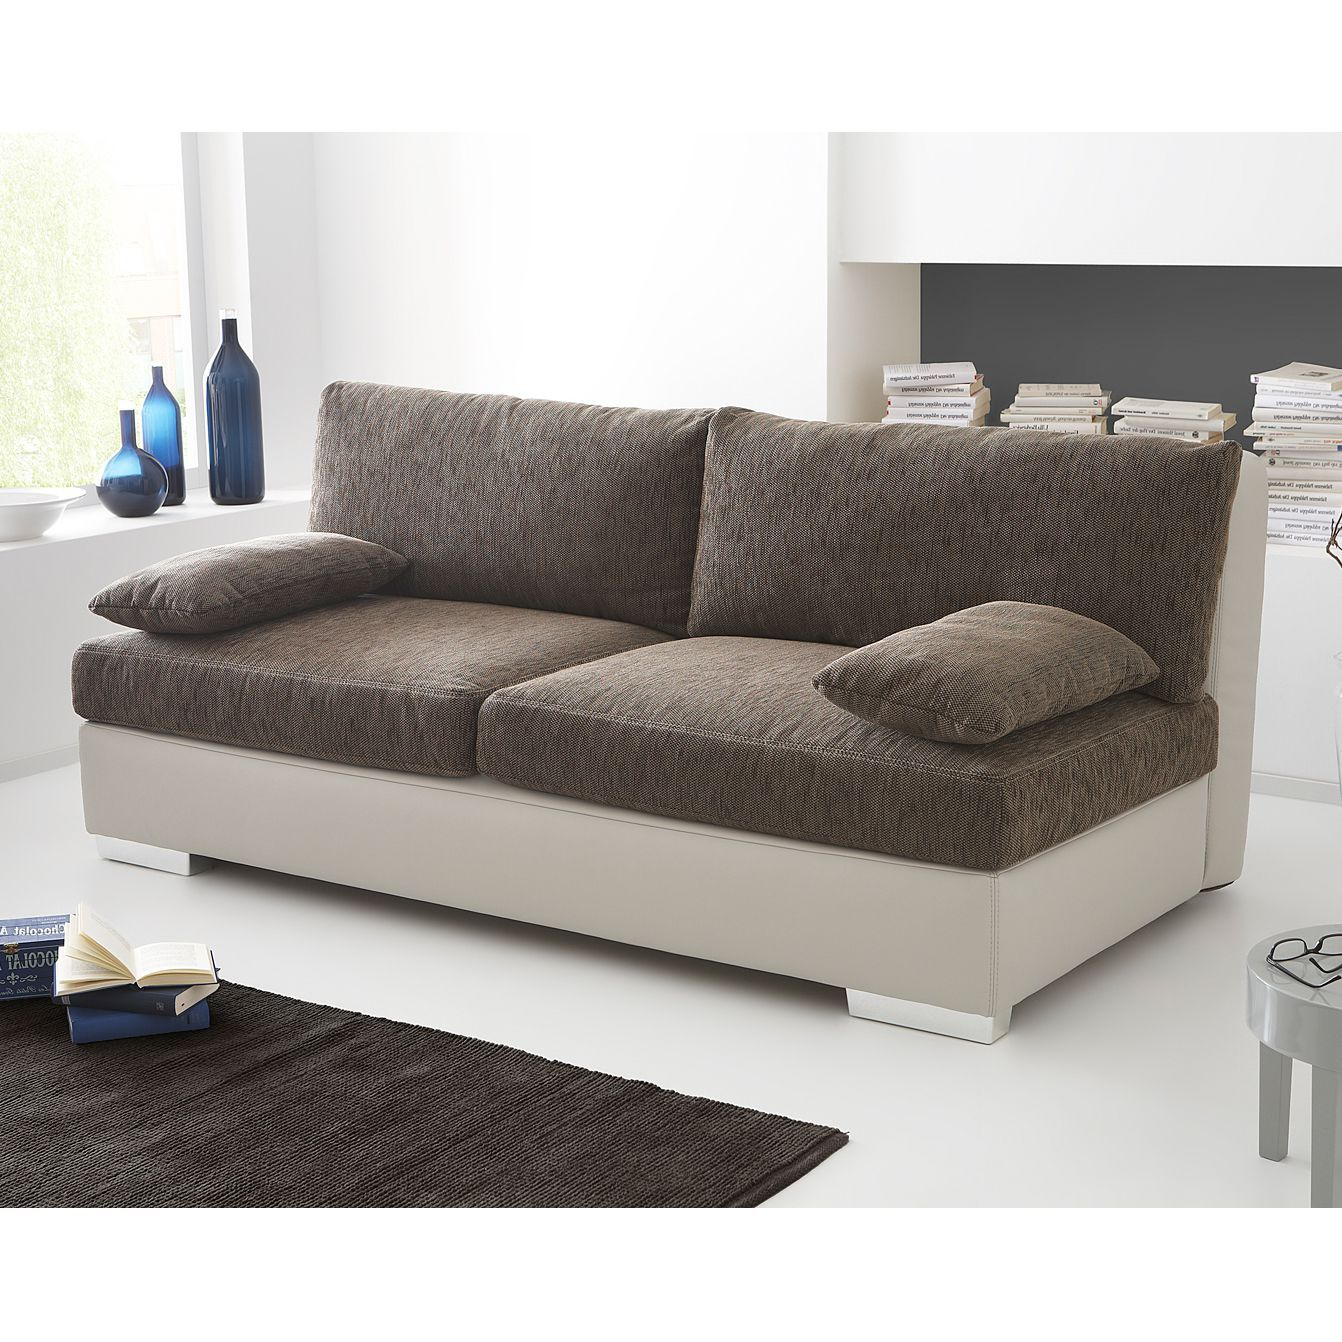 Boxspring Schlafsofa Luvia In 2019 Products Sofa